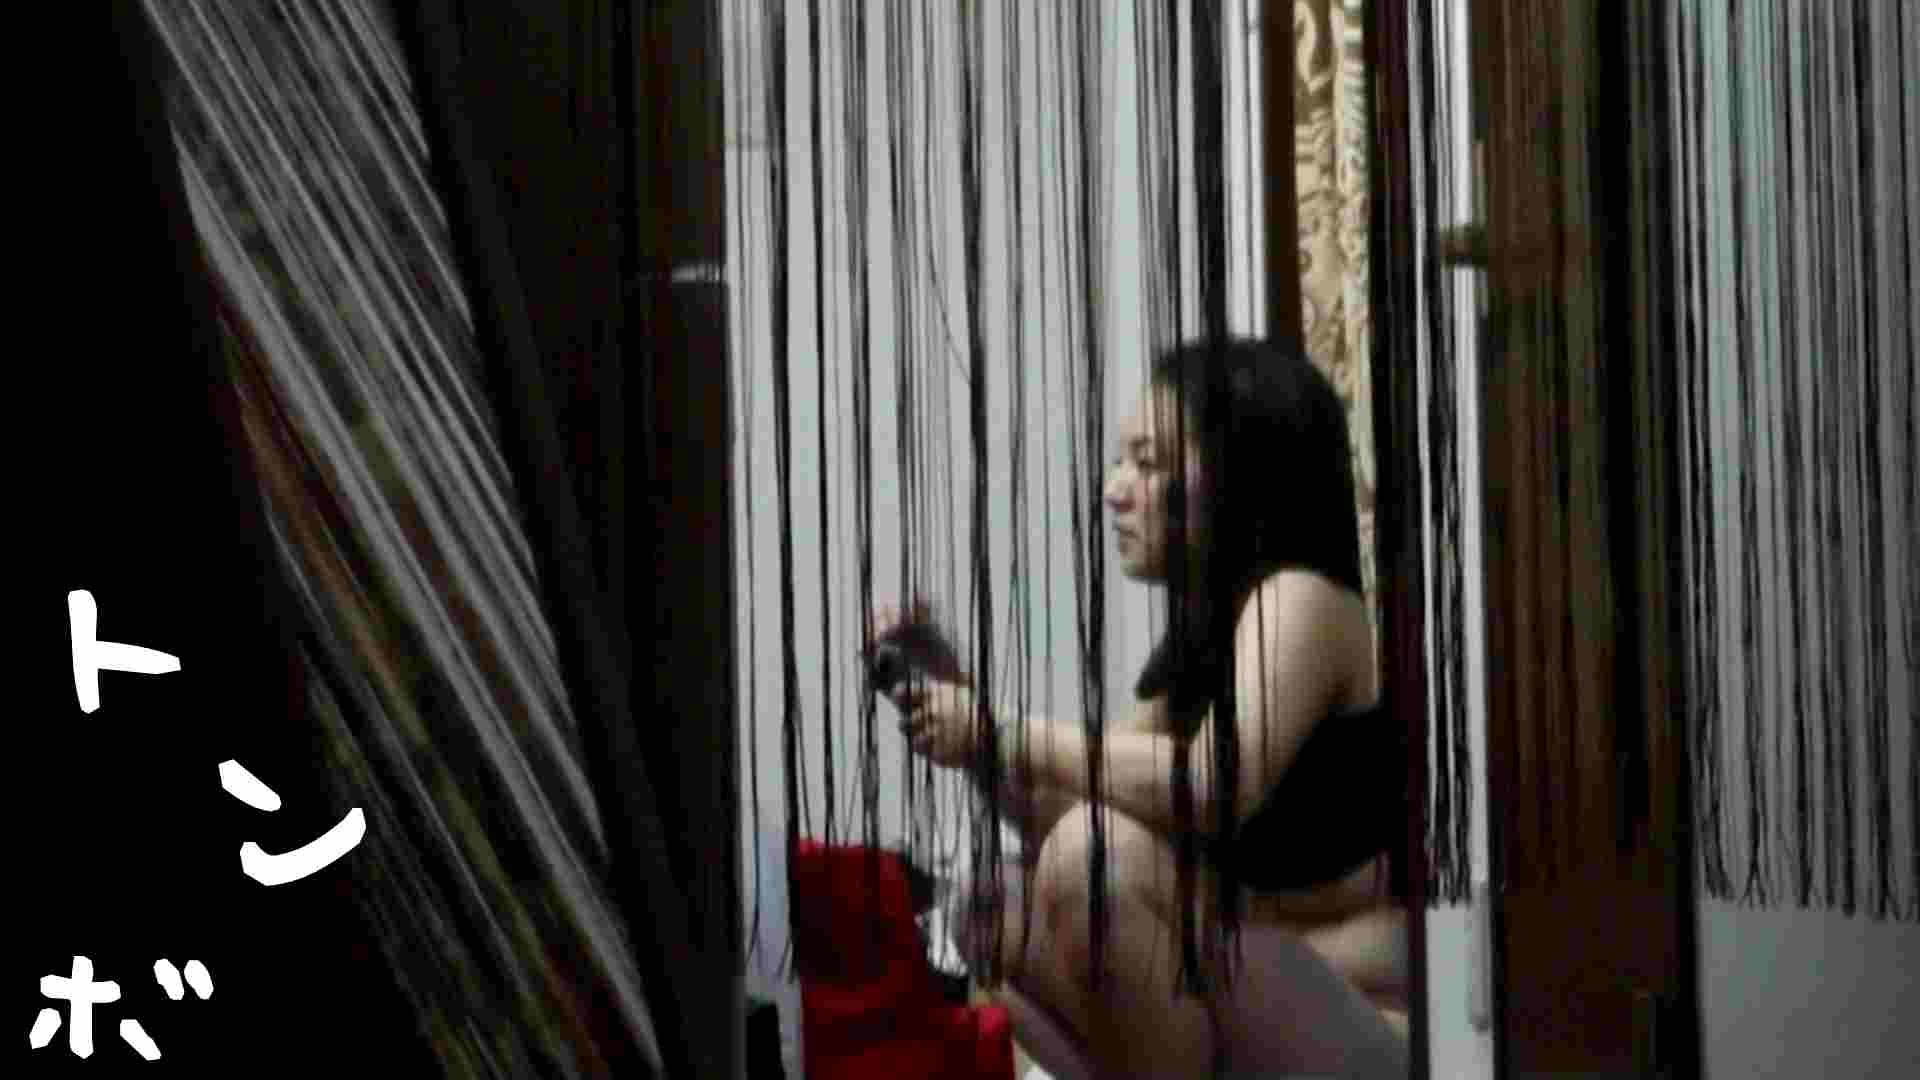 リアル盗撮 むっちりお女市さんの私生活ヌード 高画質 盗撮AV動画キャプチャ 61pic 34